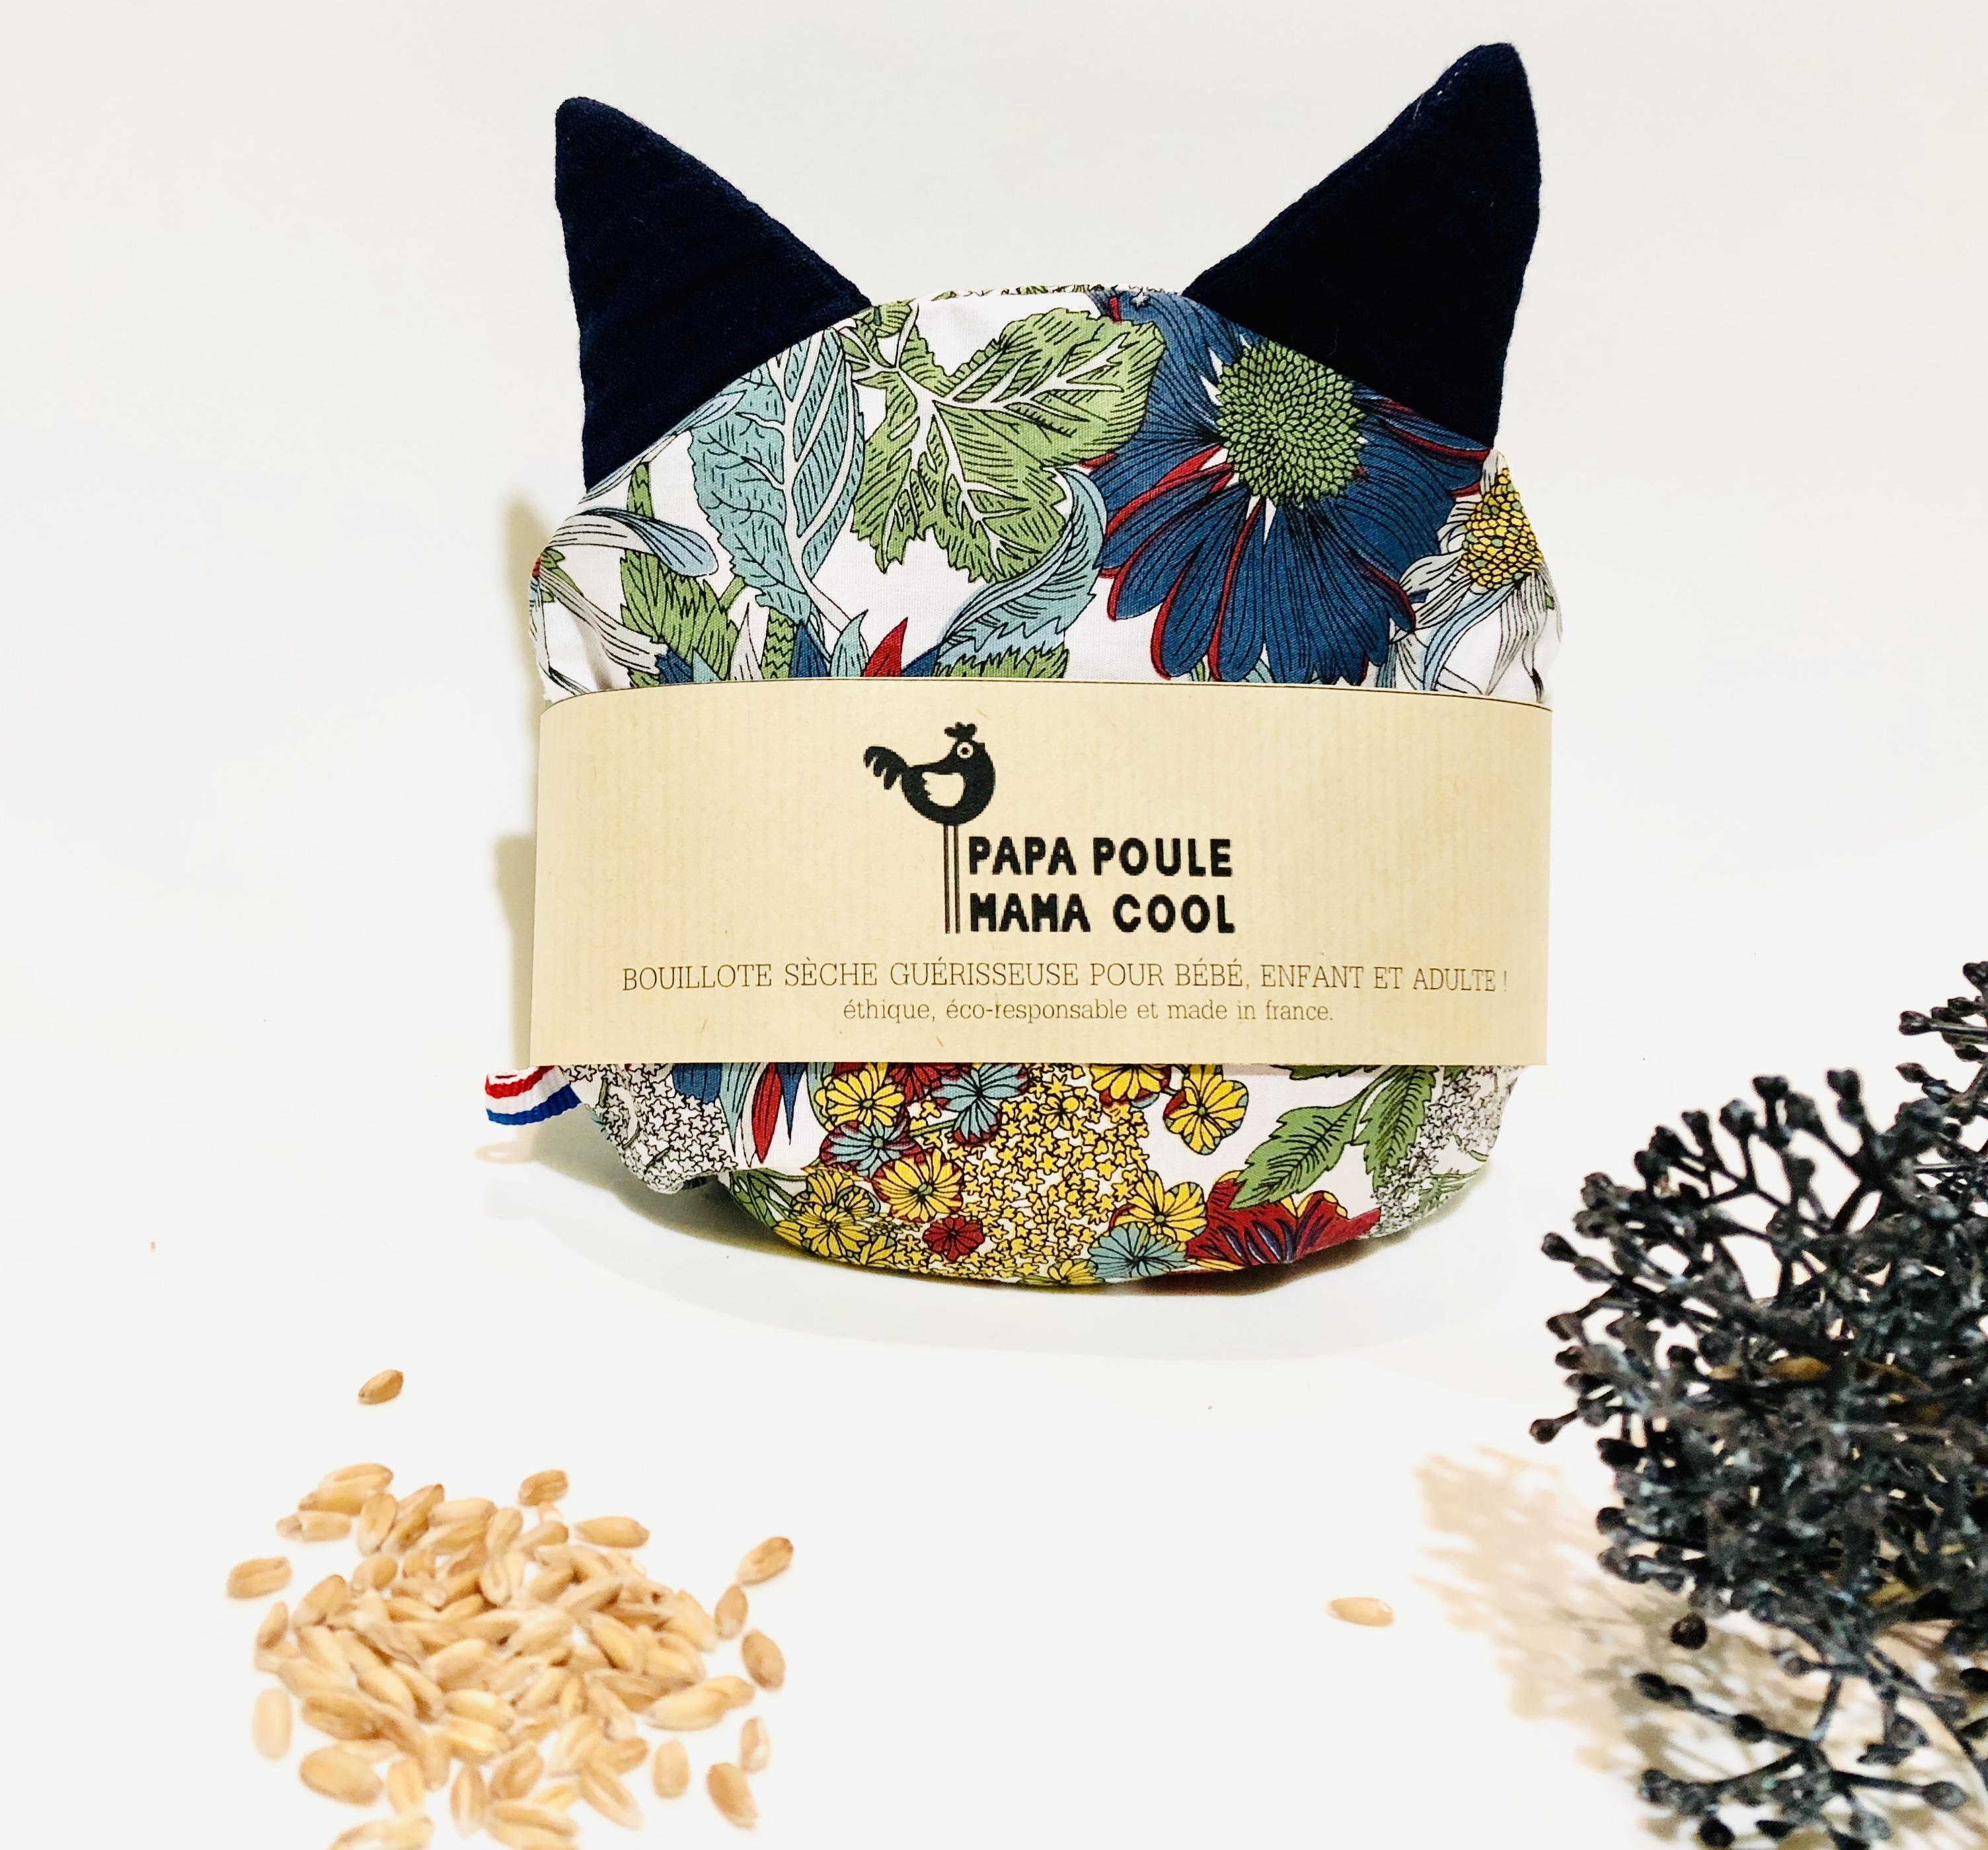 Bouillotte sèche aux graines d'épeautre bio Française et motif millepertuis